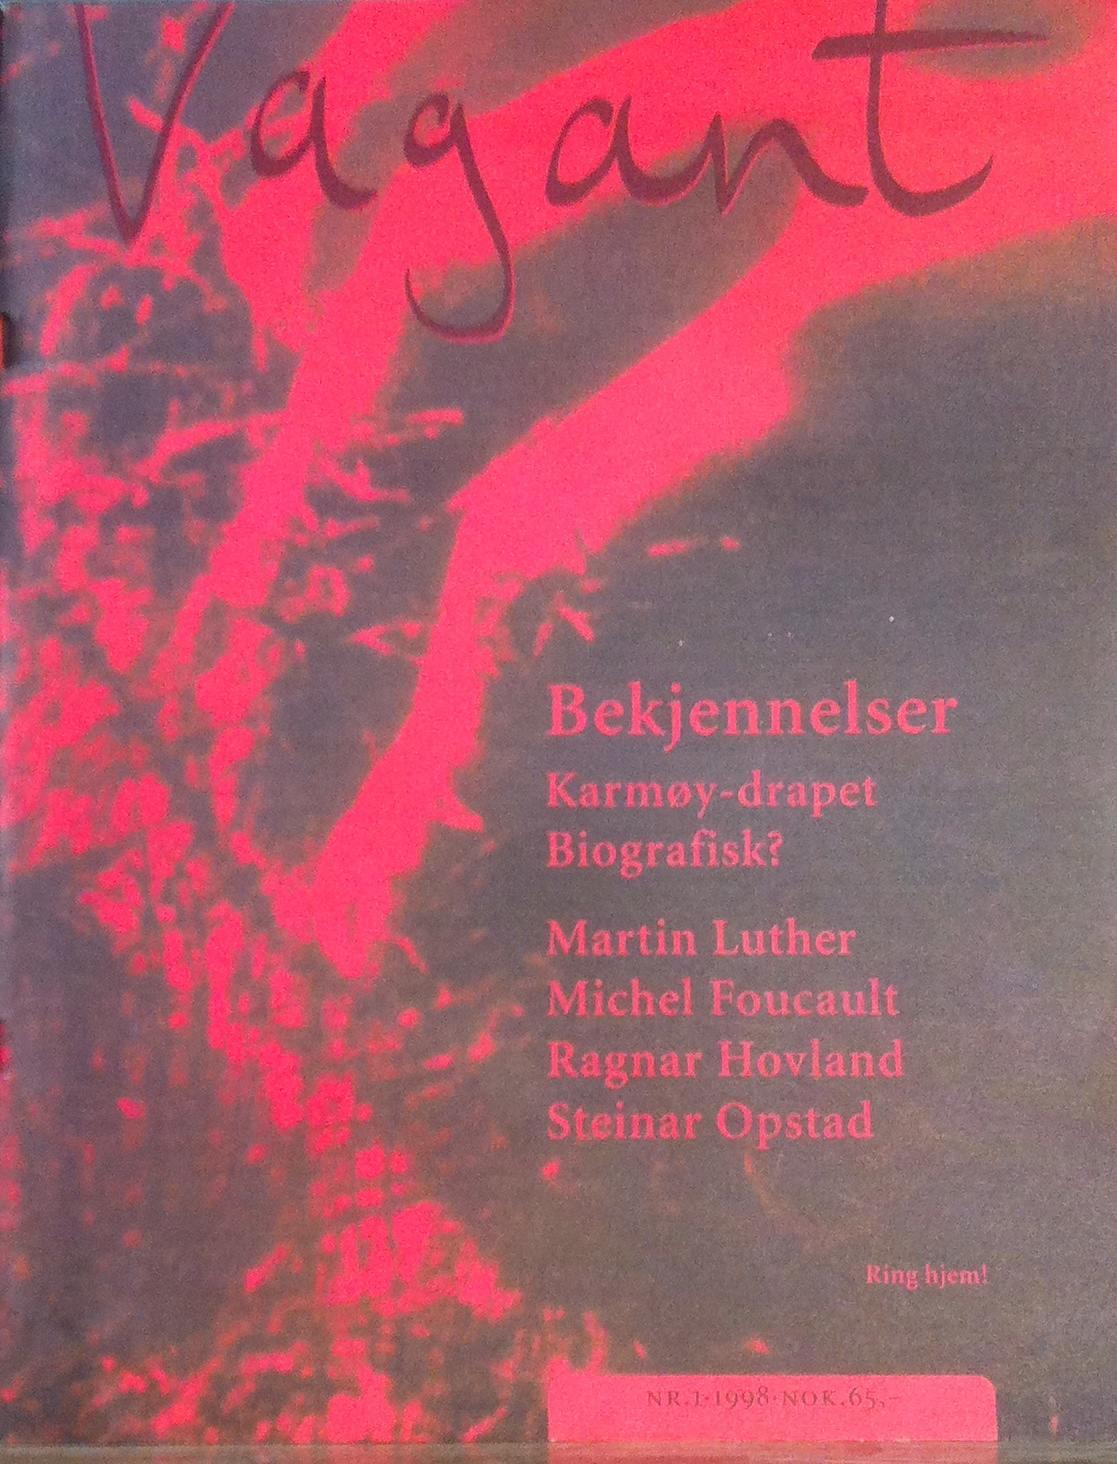 Vagant 1/1998